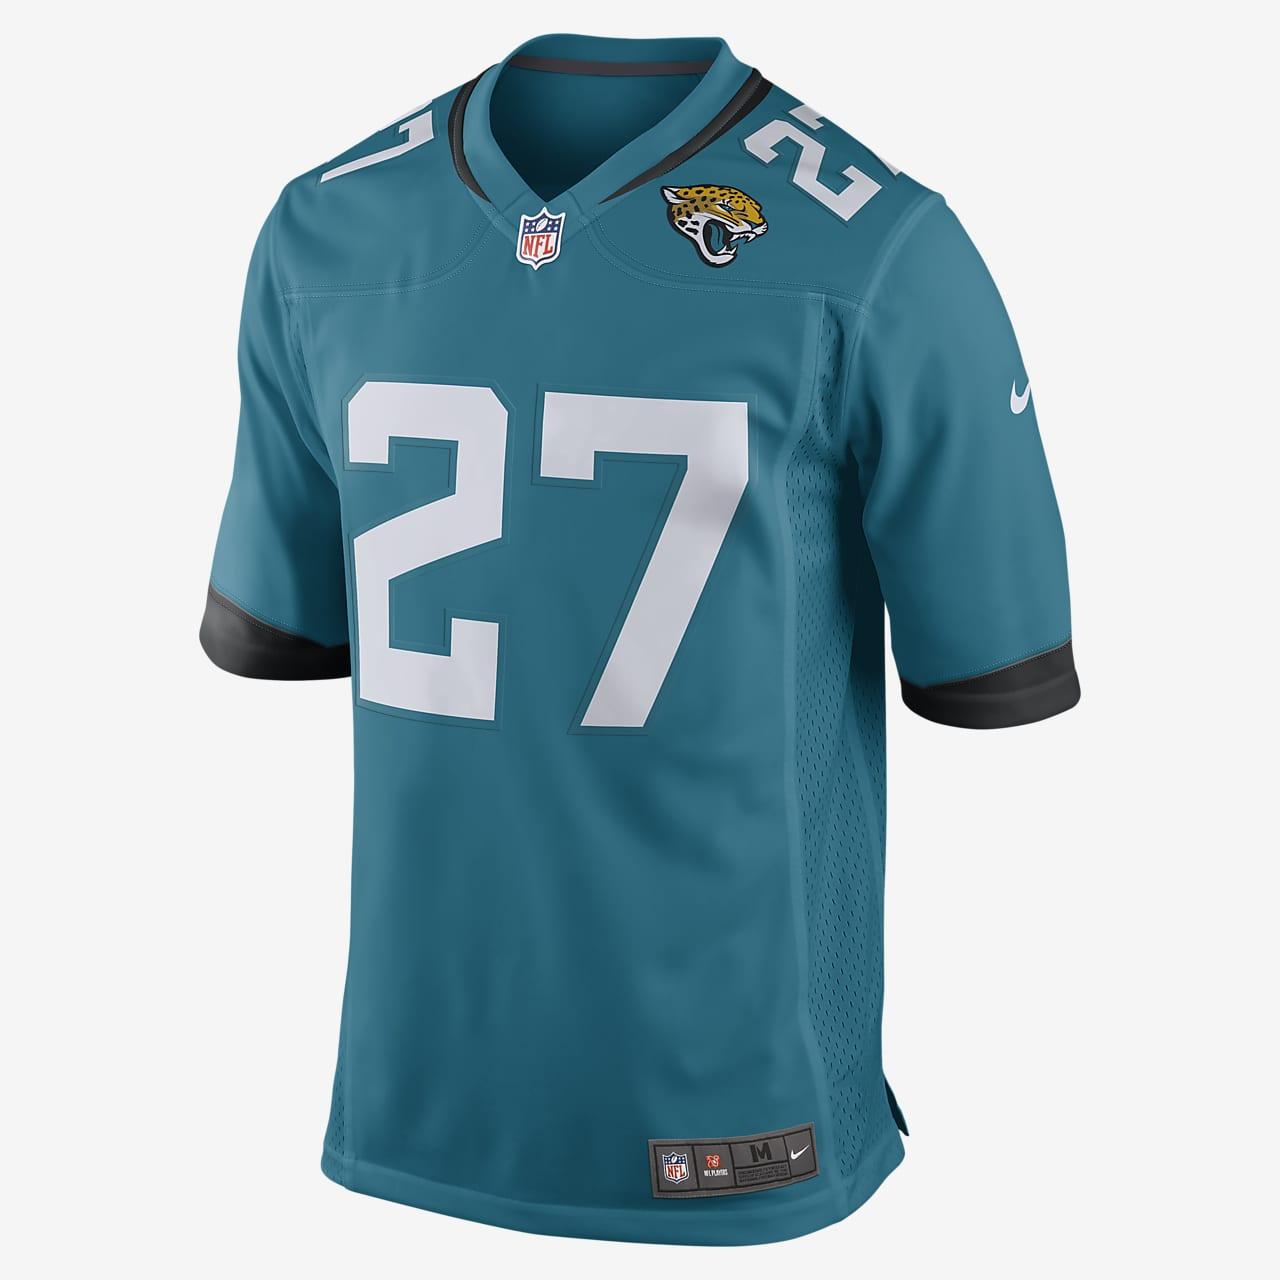 NFL Jacksonville Jaguars (Leonard Fournette) Men's Game Football Jersey